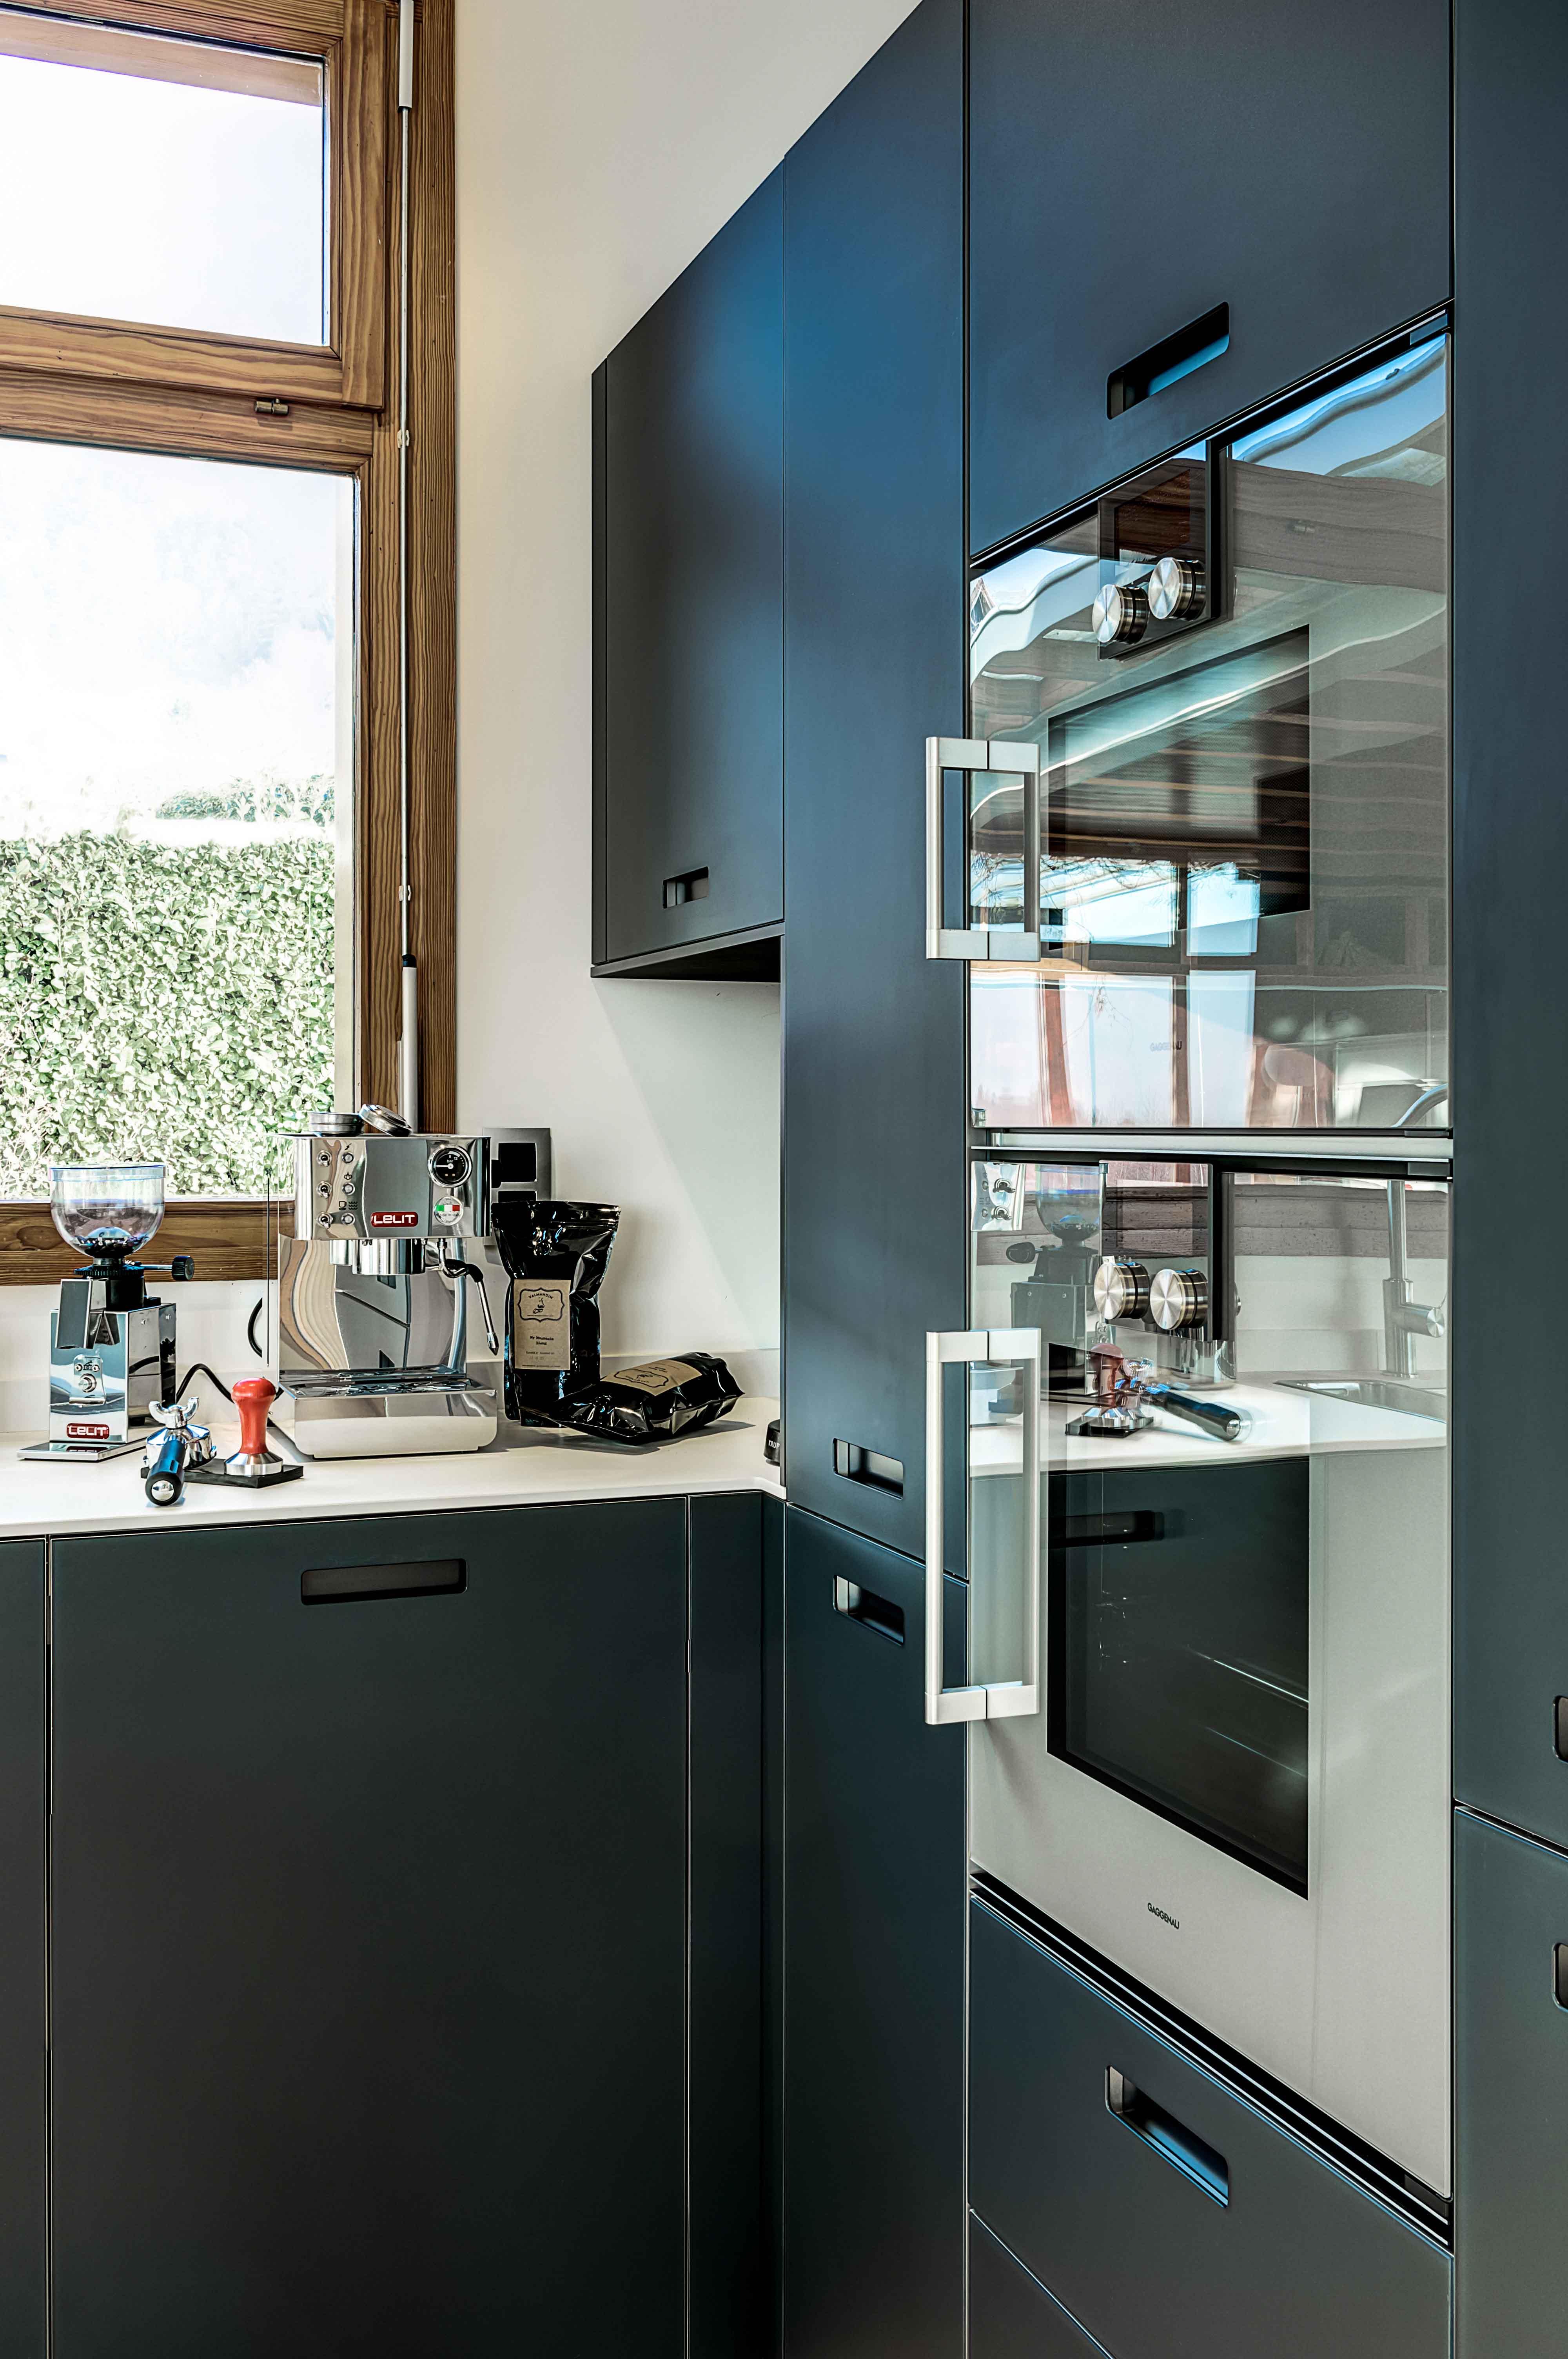 réalisation et pose de cuisine équipée avec électroménager design haut de gamme épuré